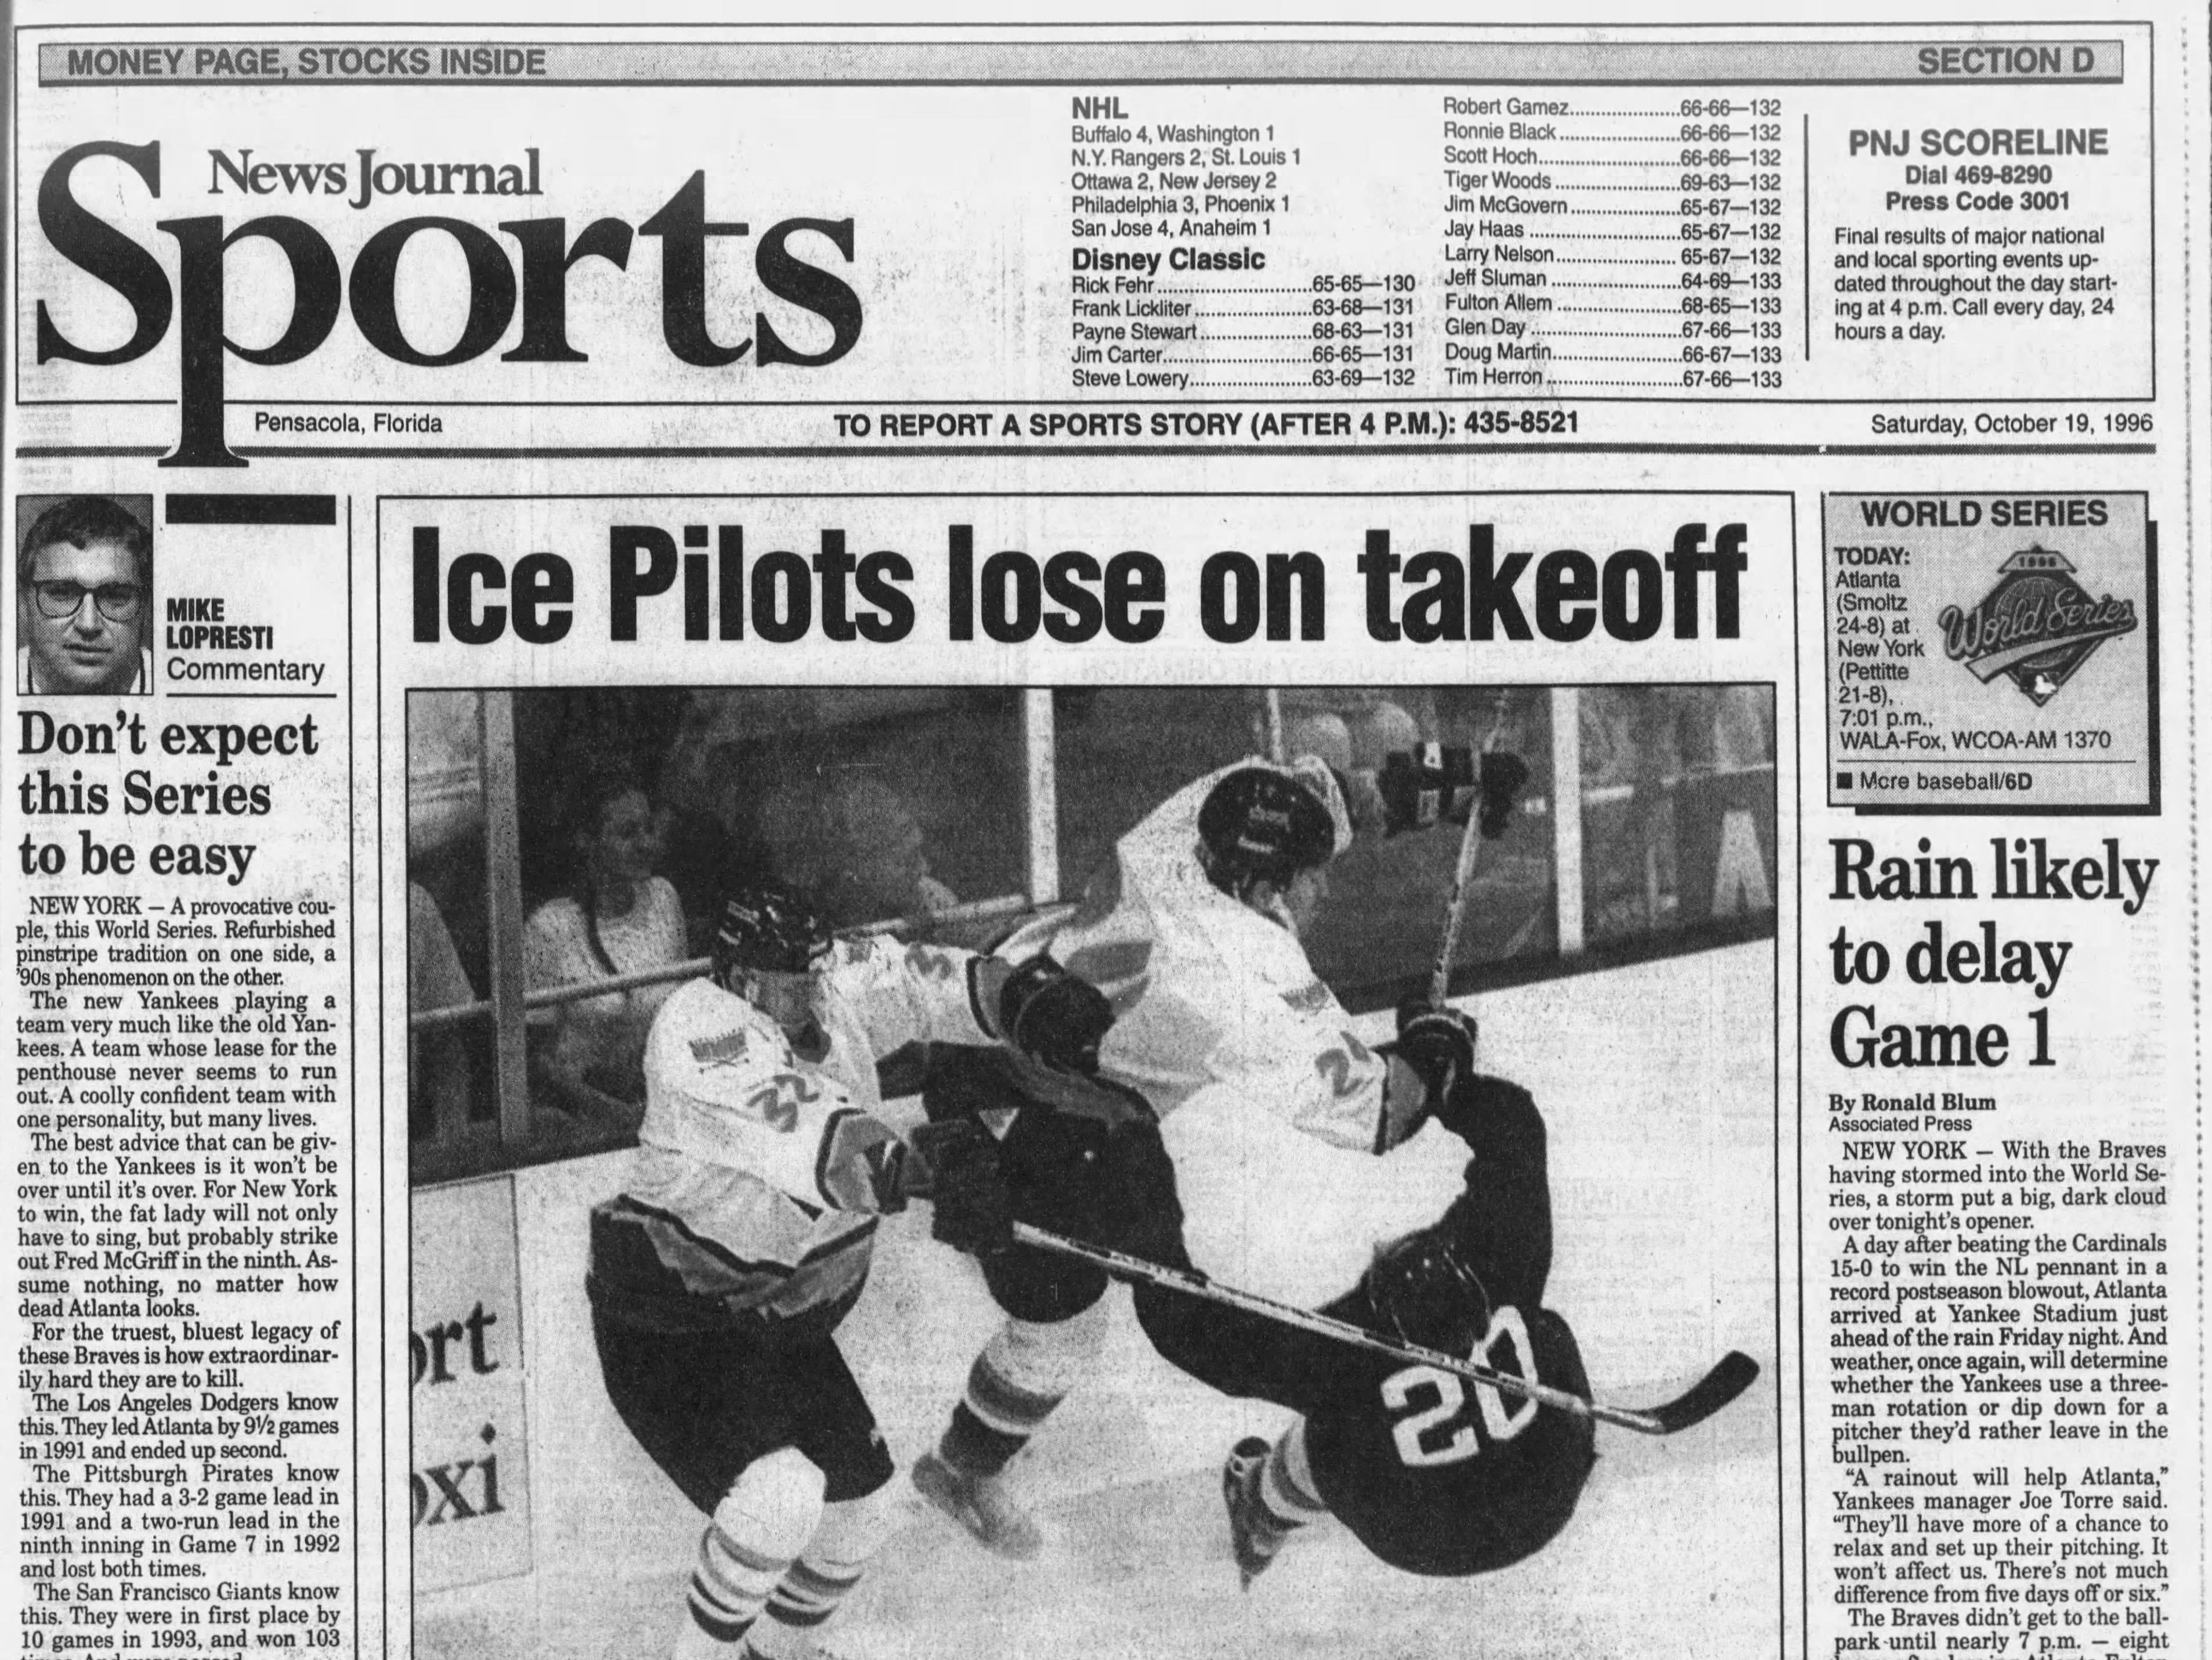 Oct. 1996: Pensacola Ice Pilots make pro hockey debut.